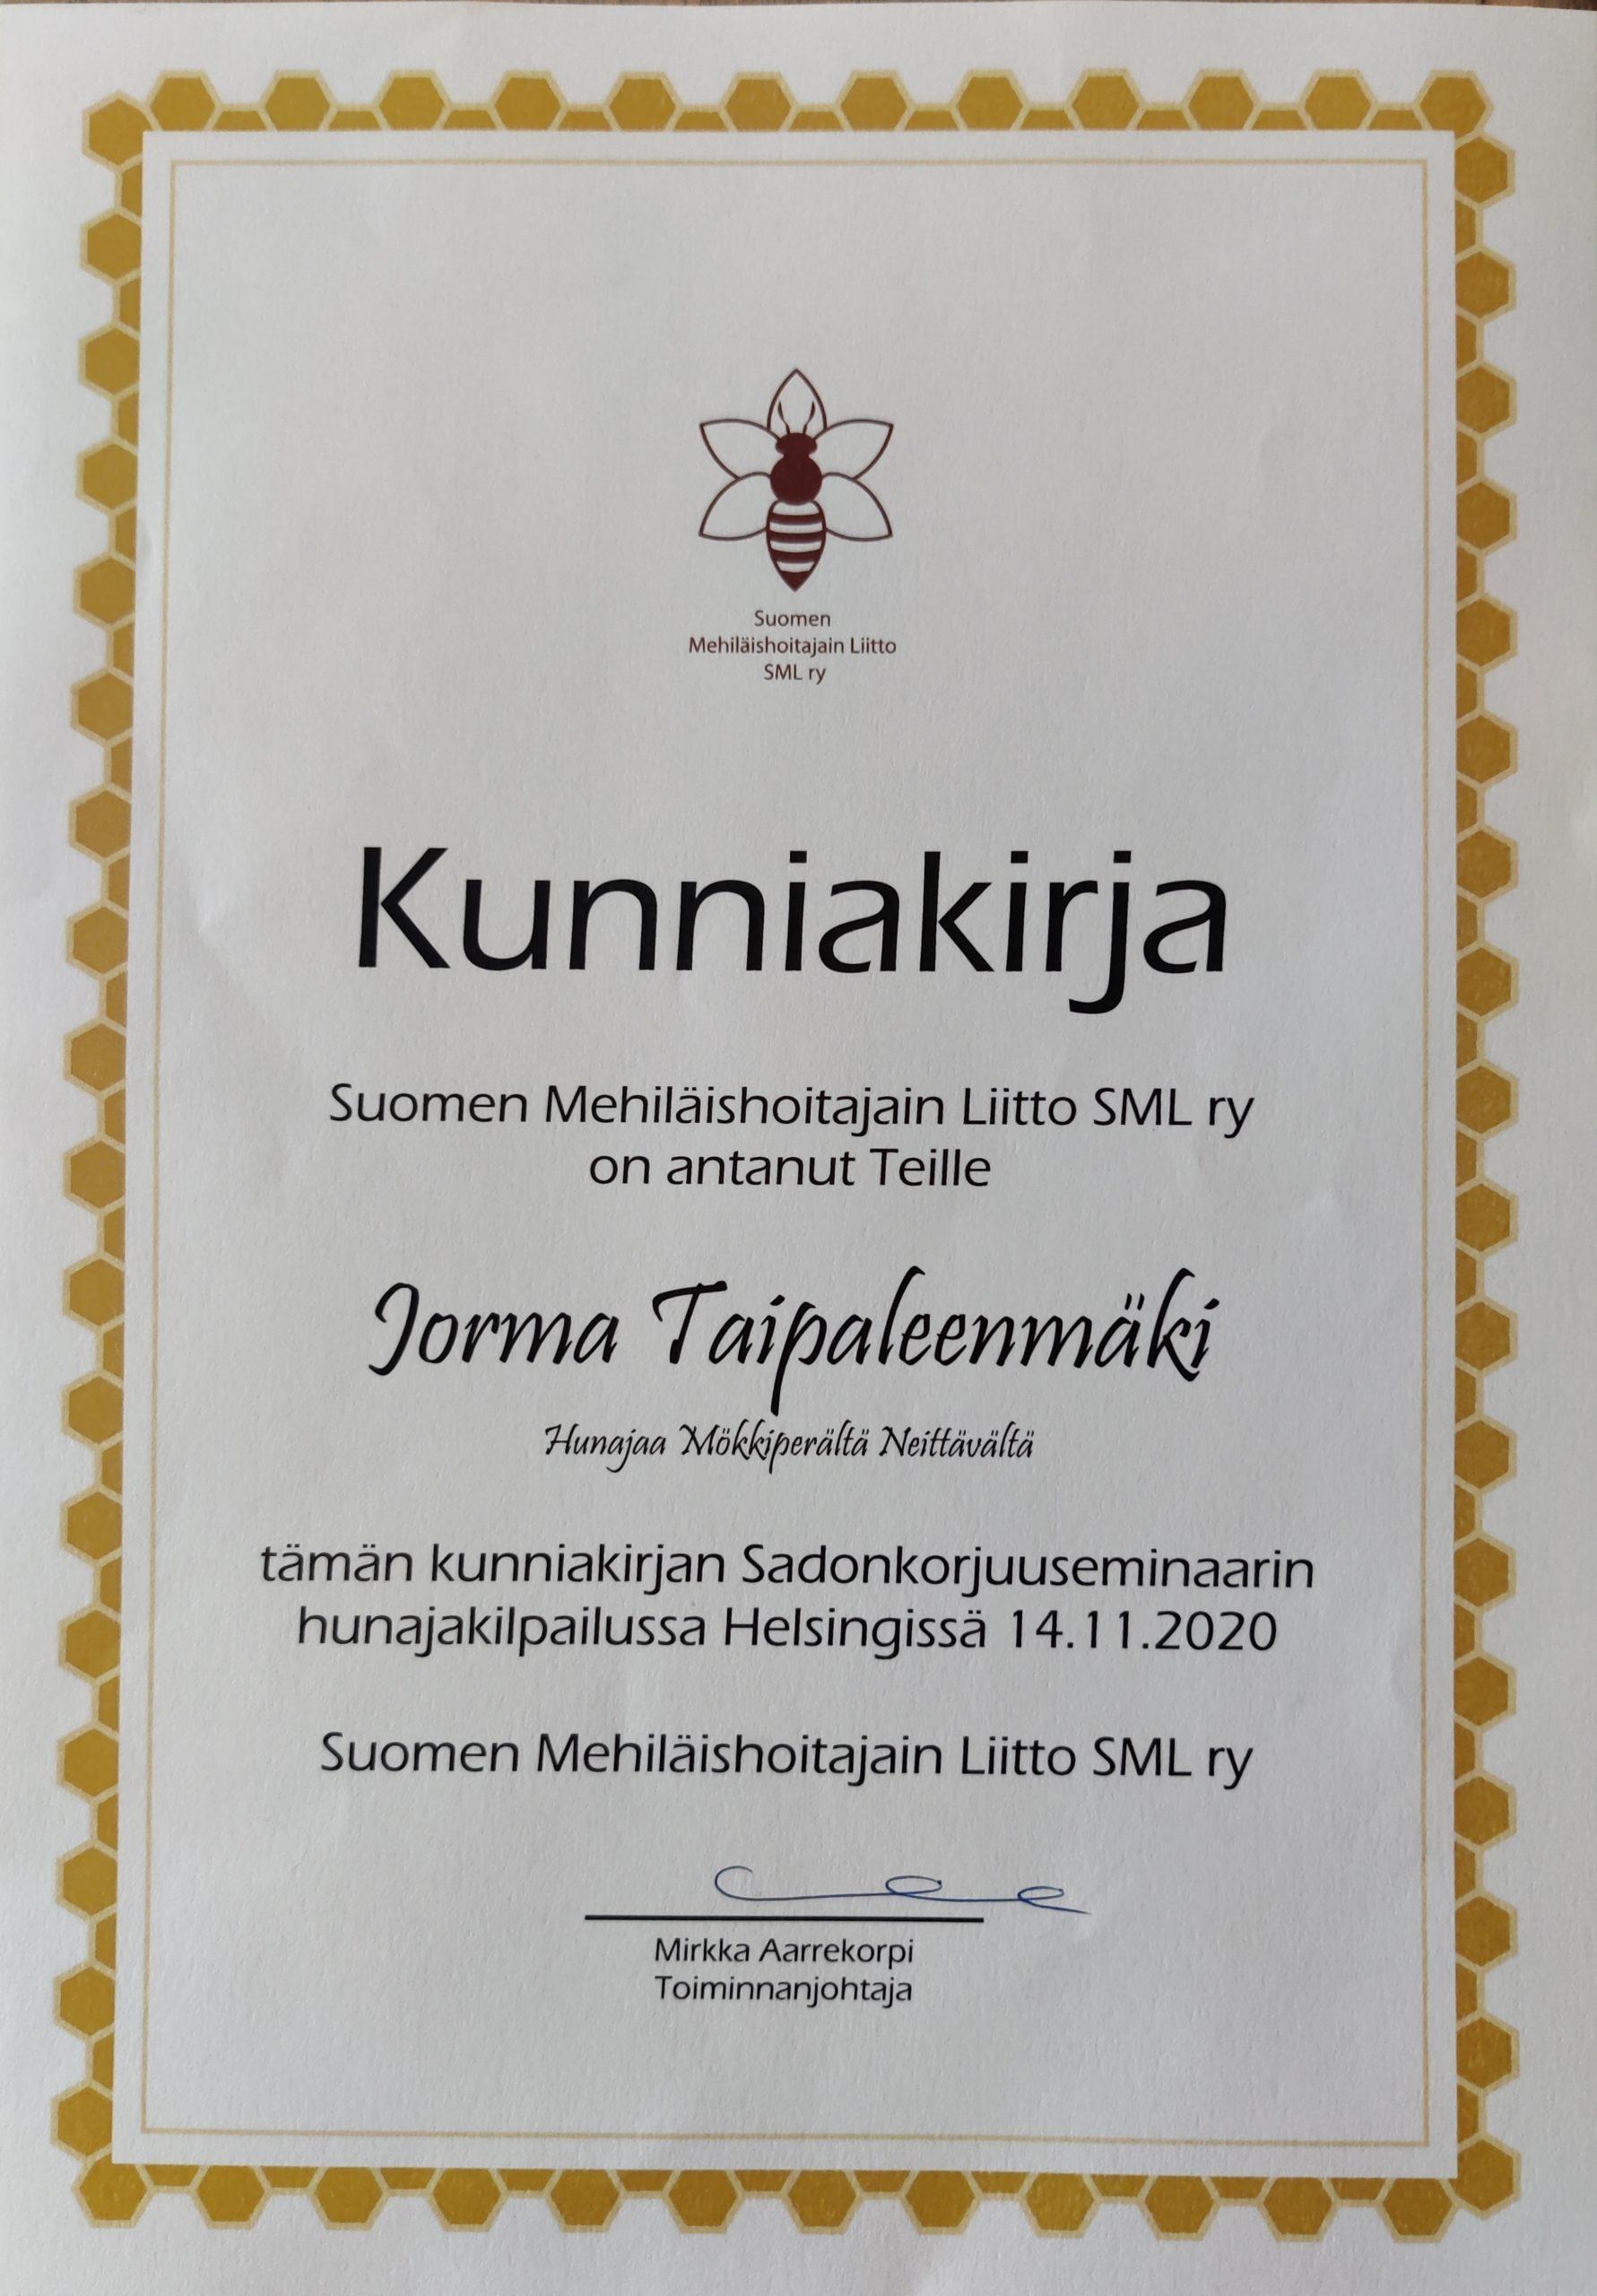 Kunniakirja Liiton Sadonkorjuuseminaarin paikallisyhdistyksien kilpailussa sija kaksi v.2020 Jorma Taipaleenmäki